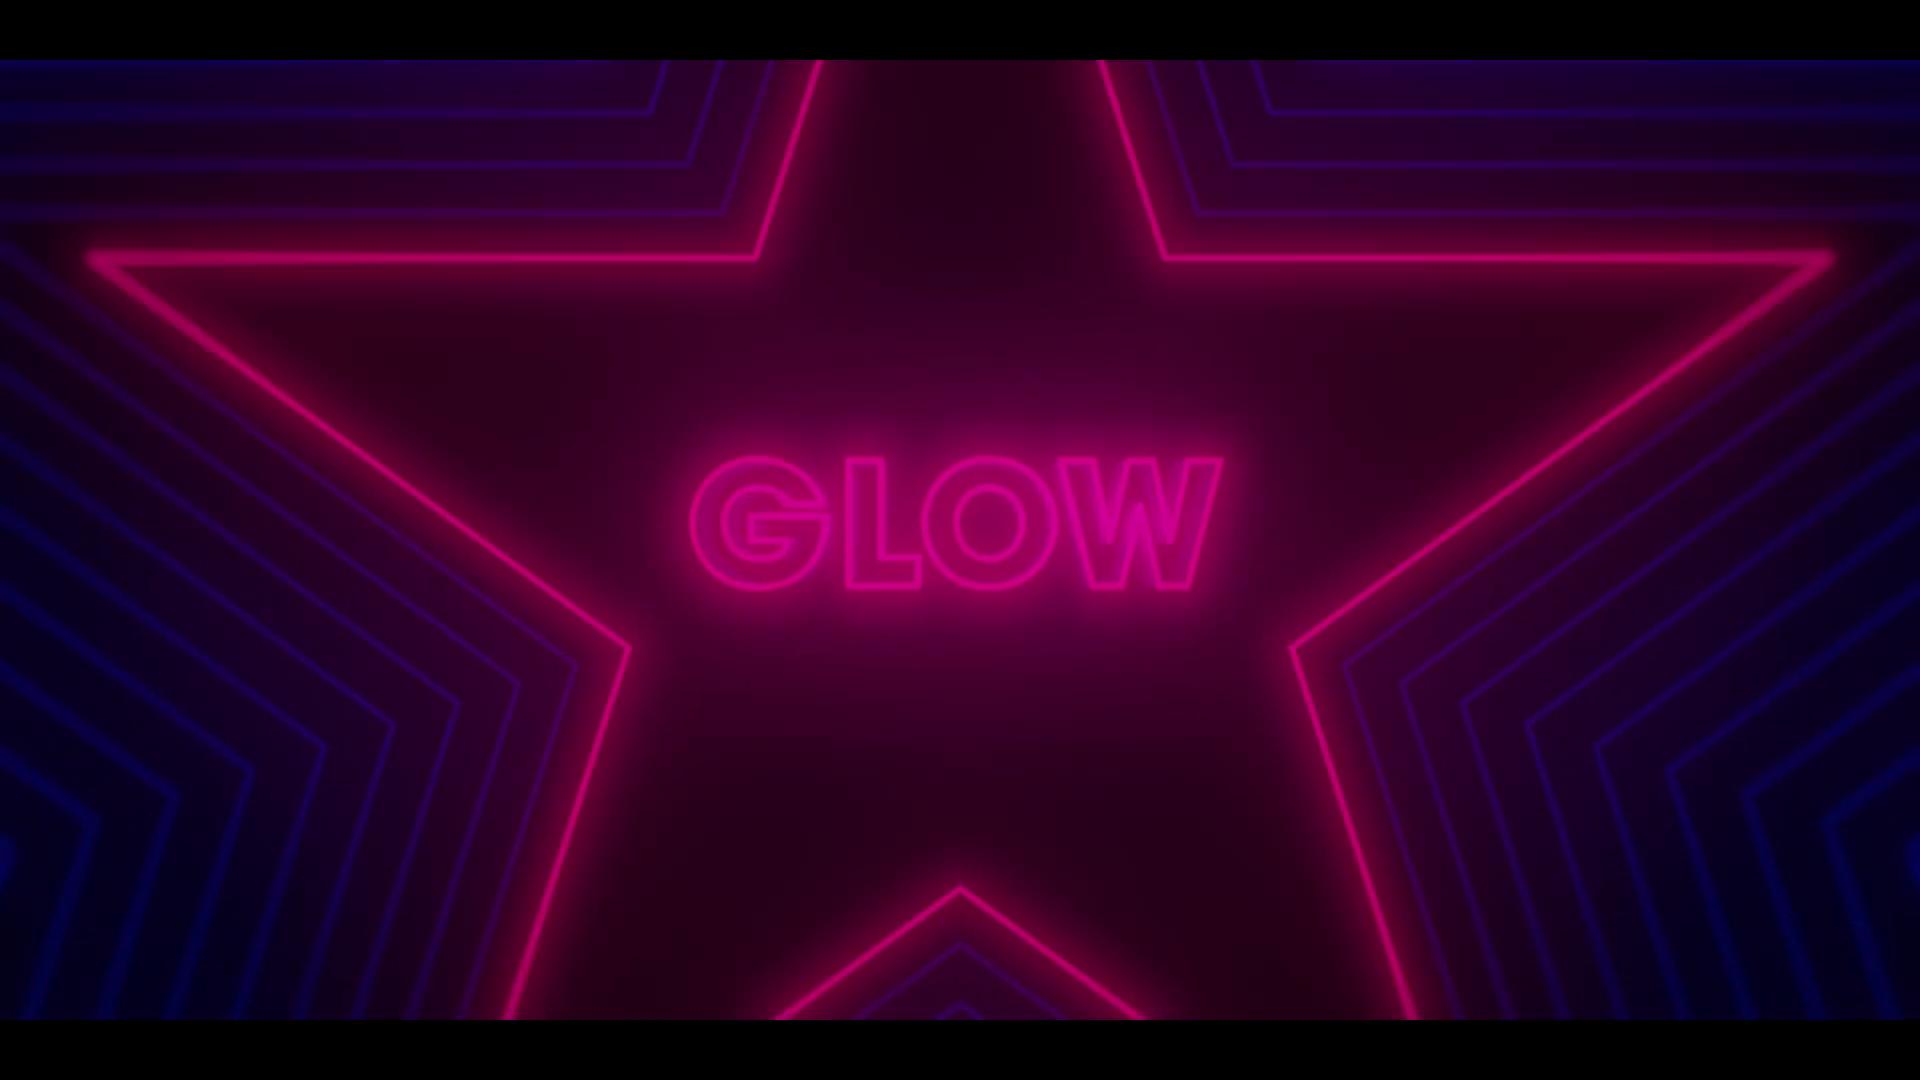 GLOW S02E04 iNTERNAL 1080p WEB x264-STRiFE